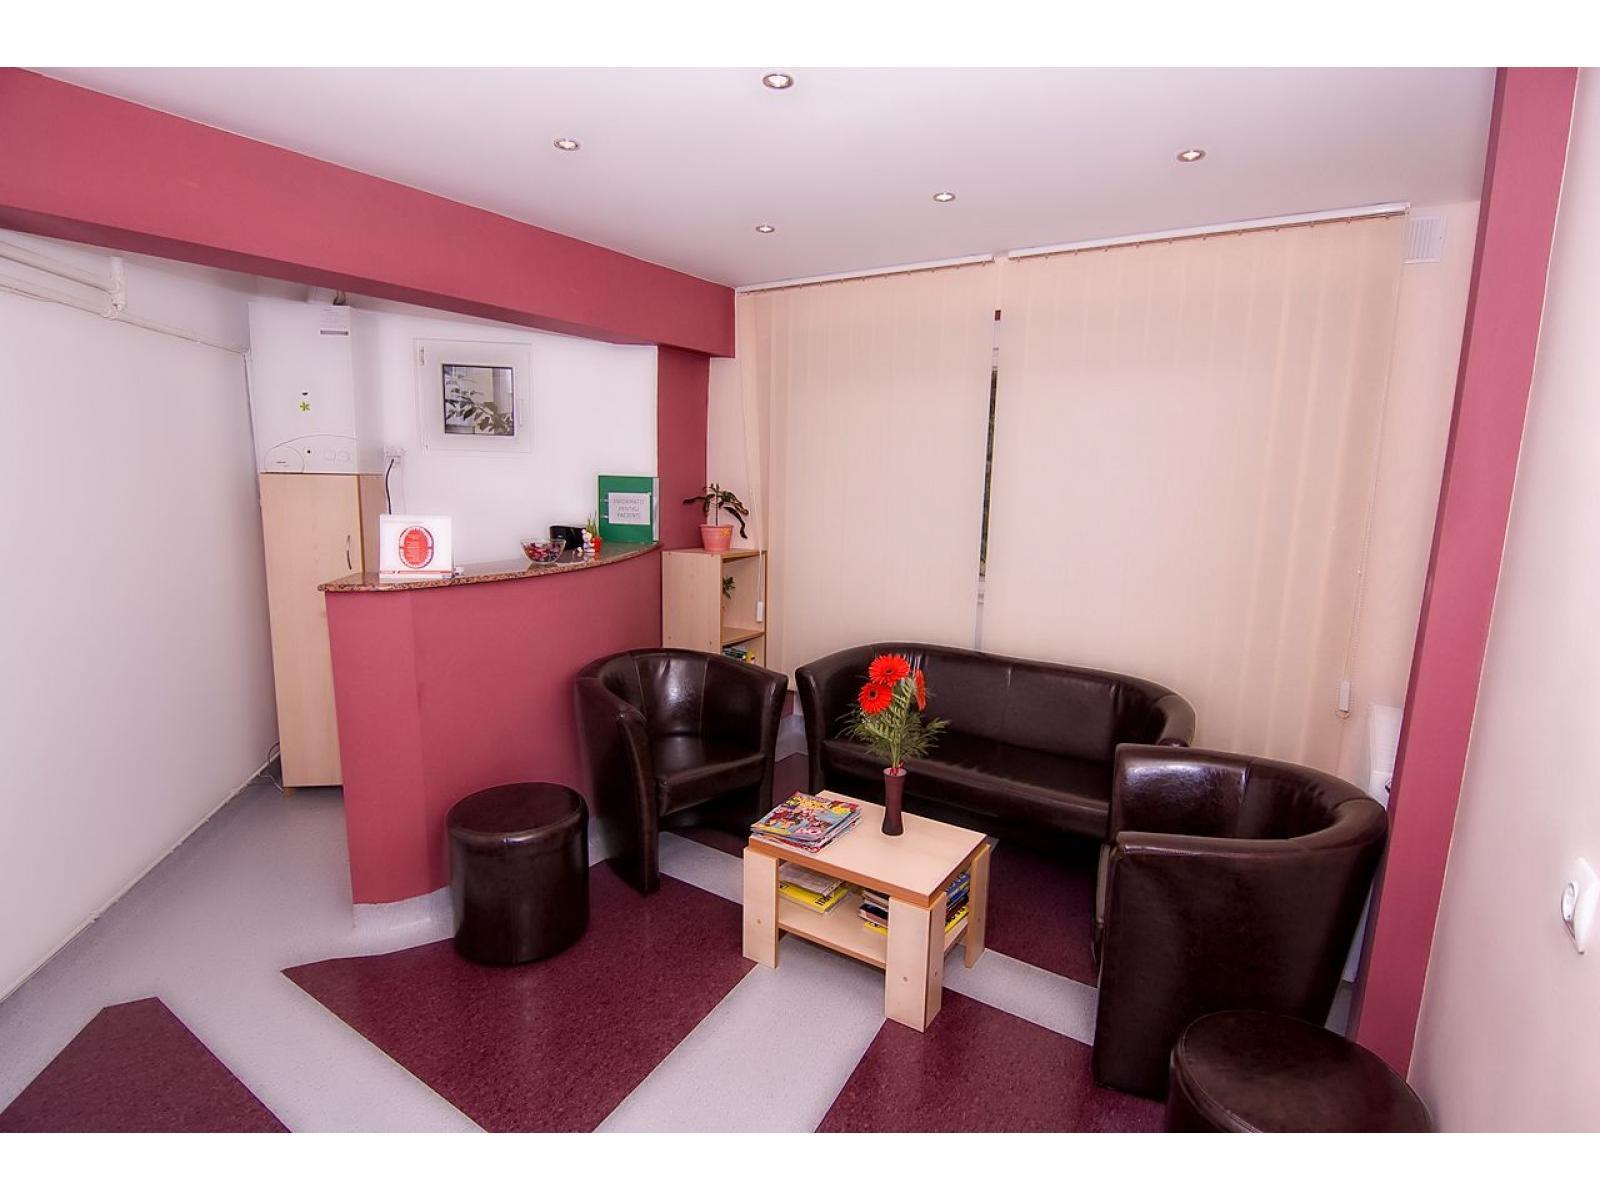 Mondent Stoma Dr Mona Pantir Cabinet Cluj Napoca - IMG_8896.jpg